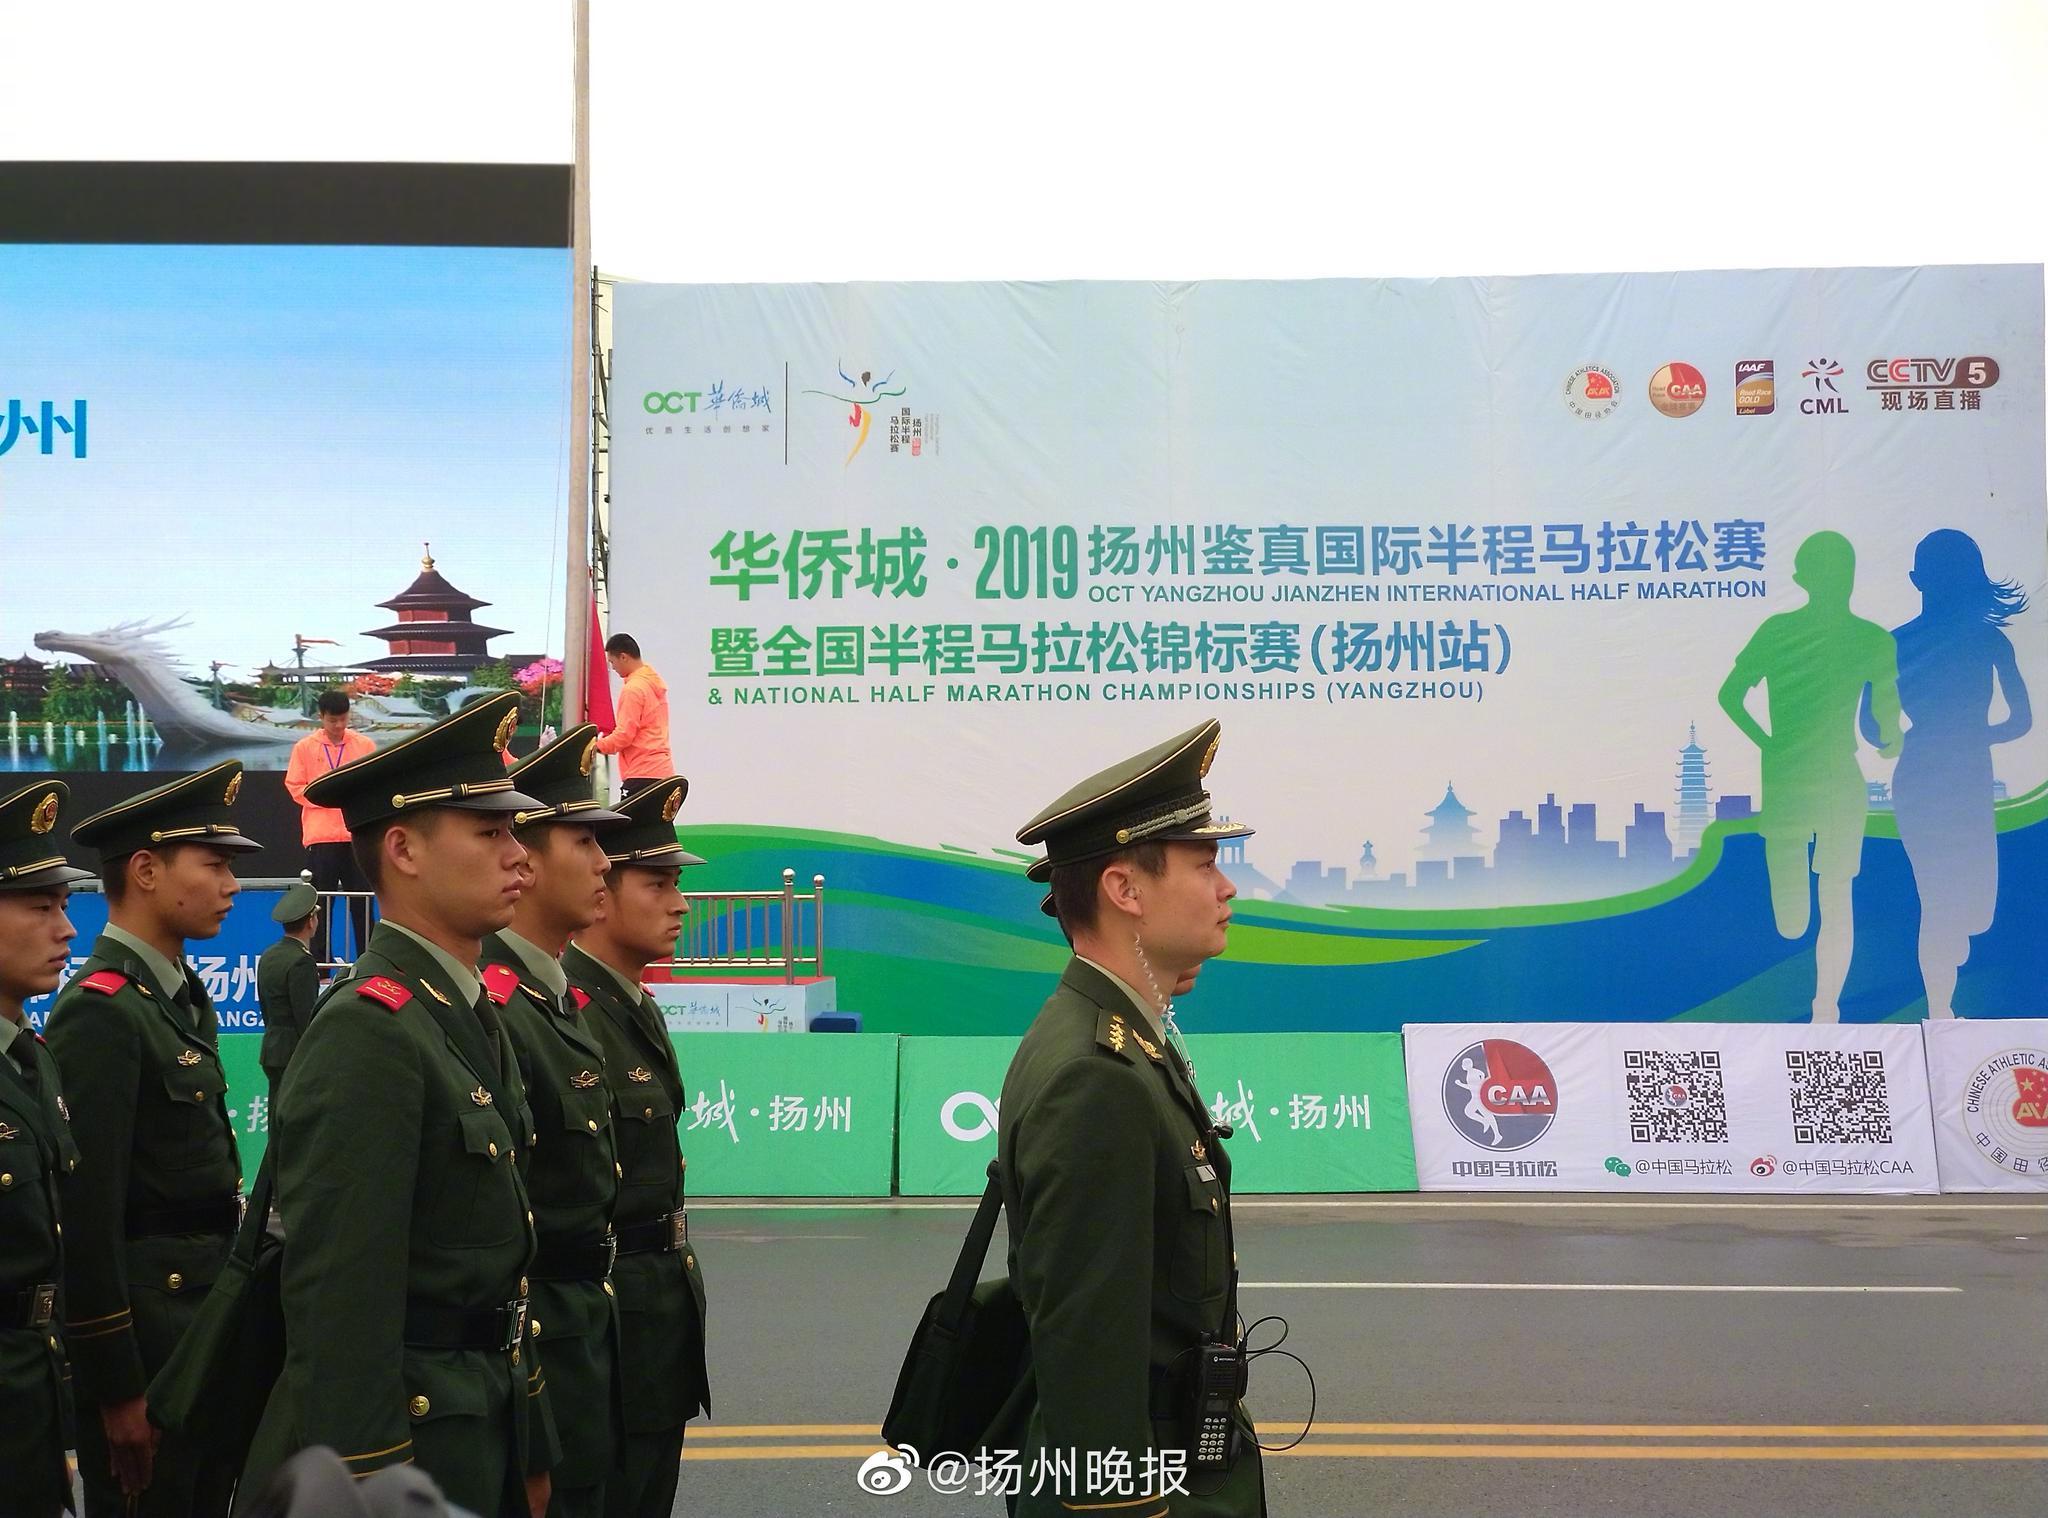 全球战疫 习近平彰显中国态度